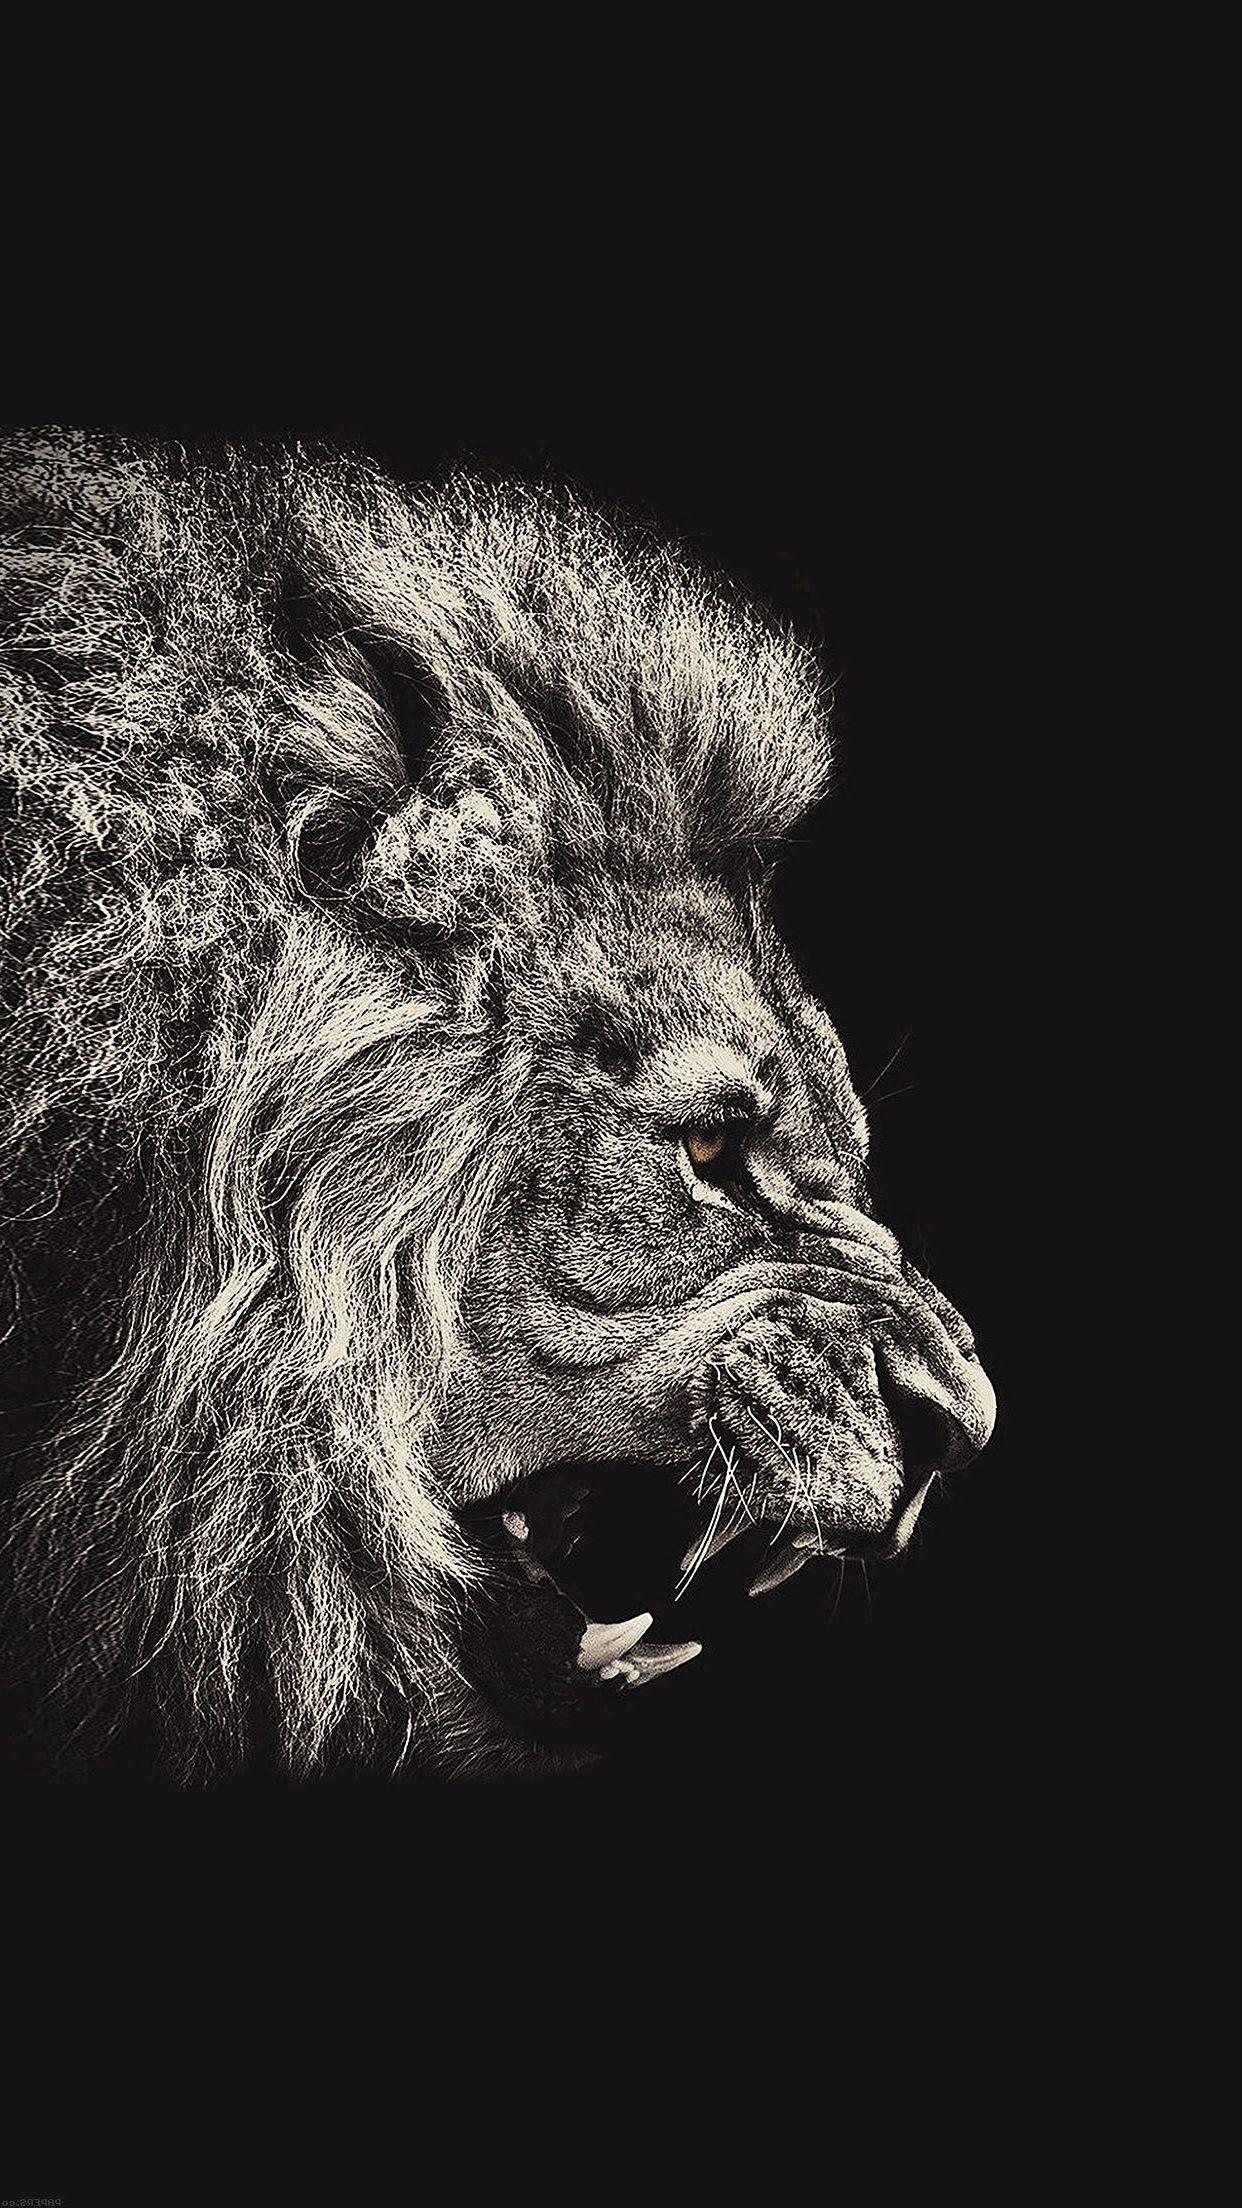 Lion Wallpaper Iphone 7 Resolution - Lion Wallpaper Iphone - HD Wallpaper